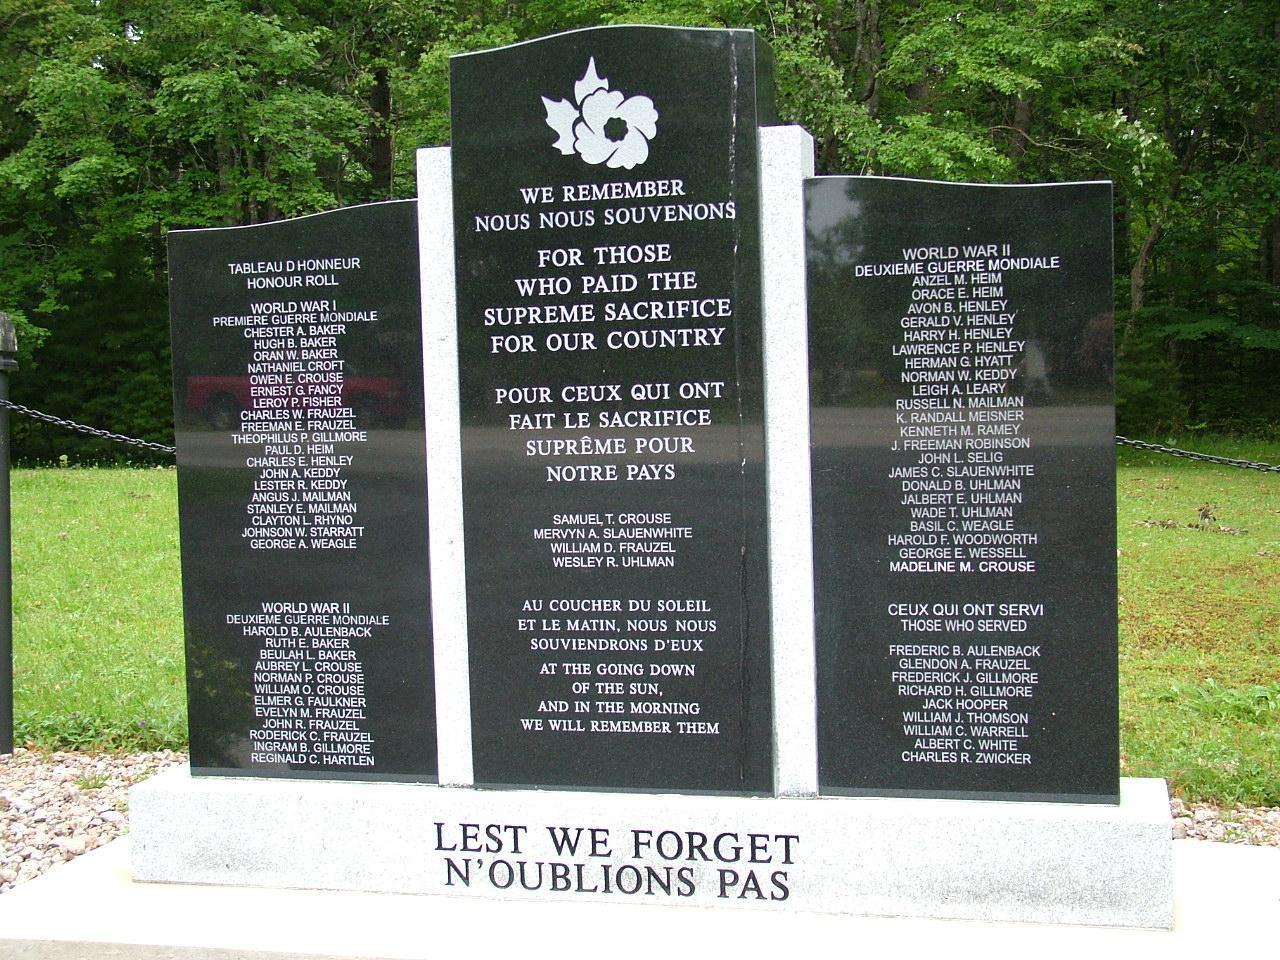 Mémorial – Chelsea, Nouvelle-Écosse, Canada  Samuel Theodore Crouse, Fils de James Elkanah Crouse et Eliza Annie Frank